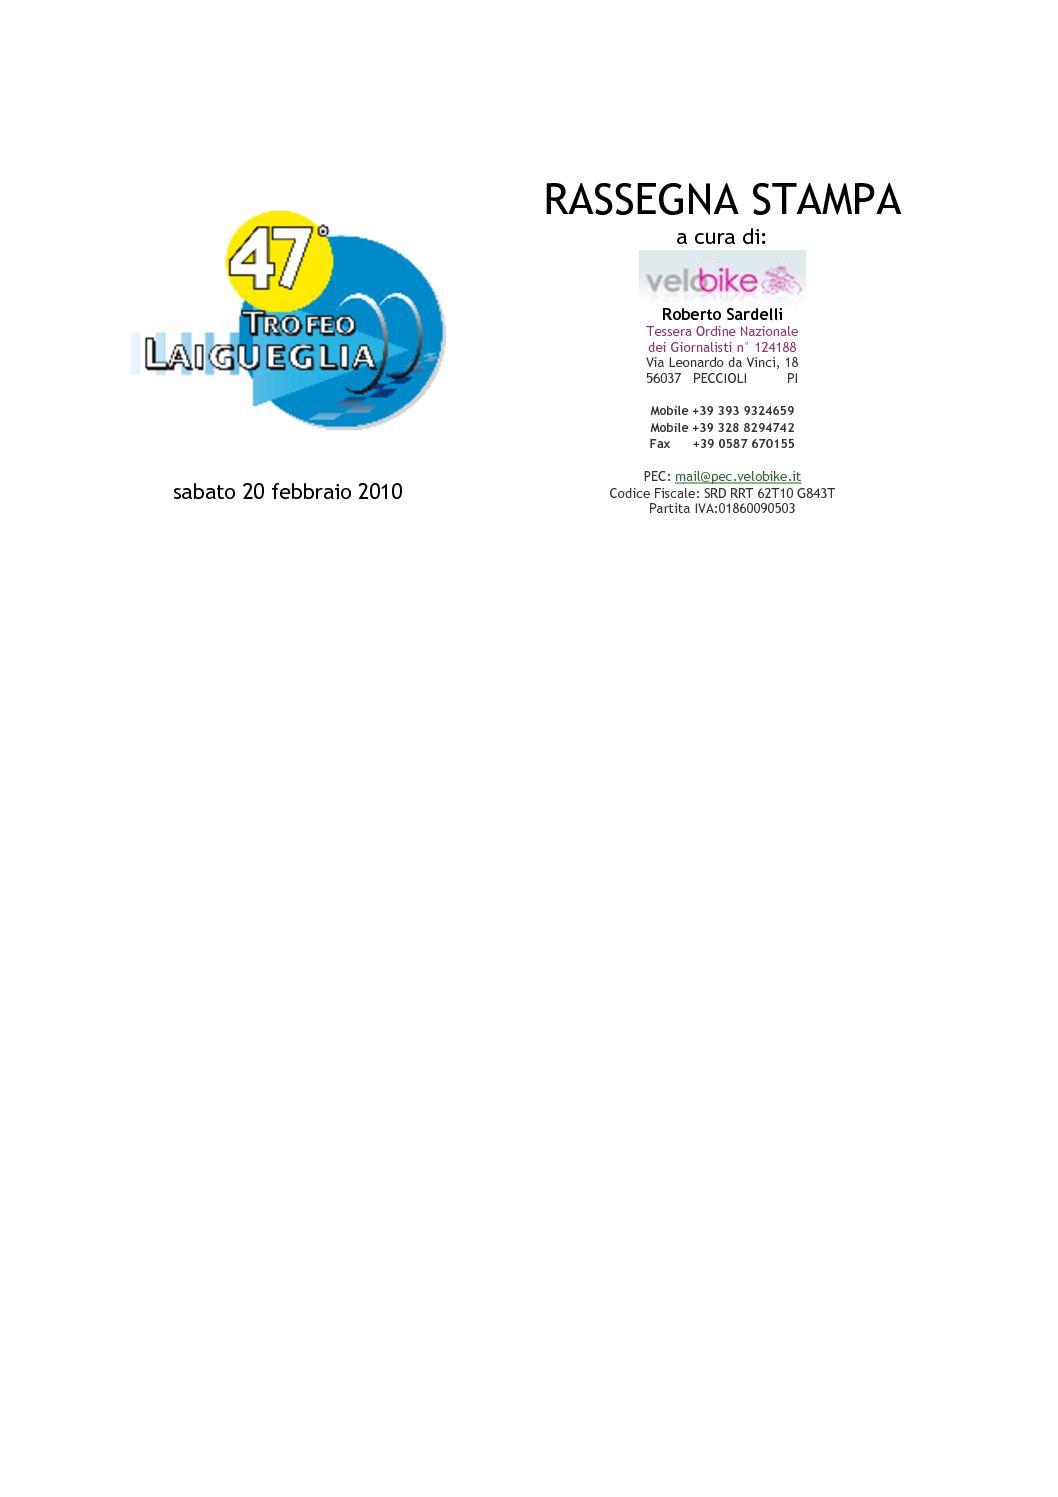 be27fae6b3ed Calaméo - Rassegna Stampa 47° Trofeo Laigueglia